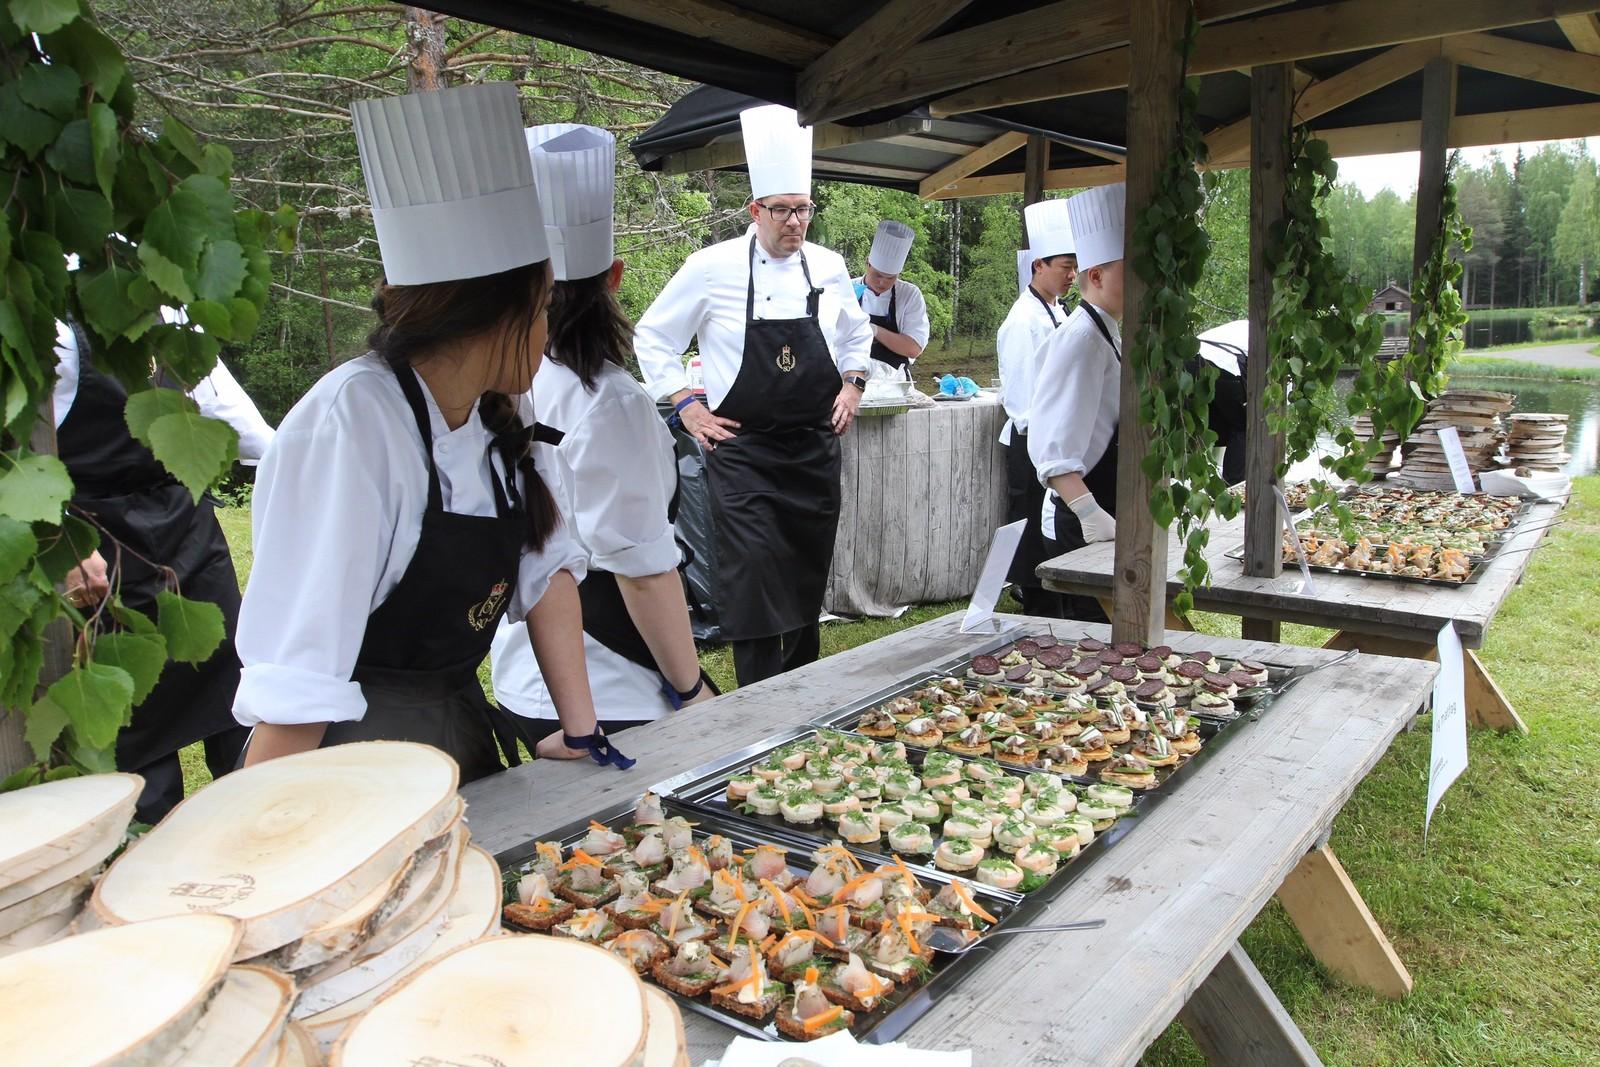 Elever fra de videregående skolene i Lillehammer, Raufoss, Storhamar og Midt-Østerdal hadde lagd maten som ble servert.